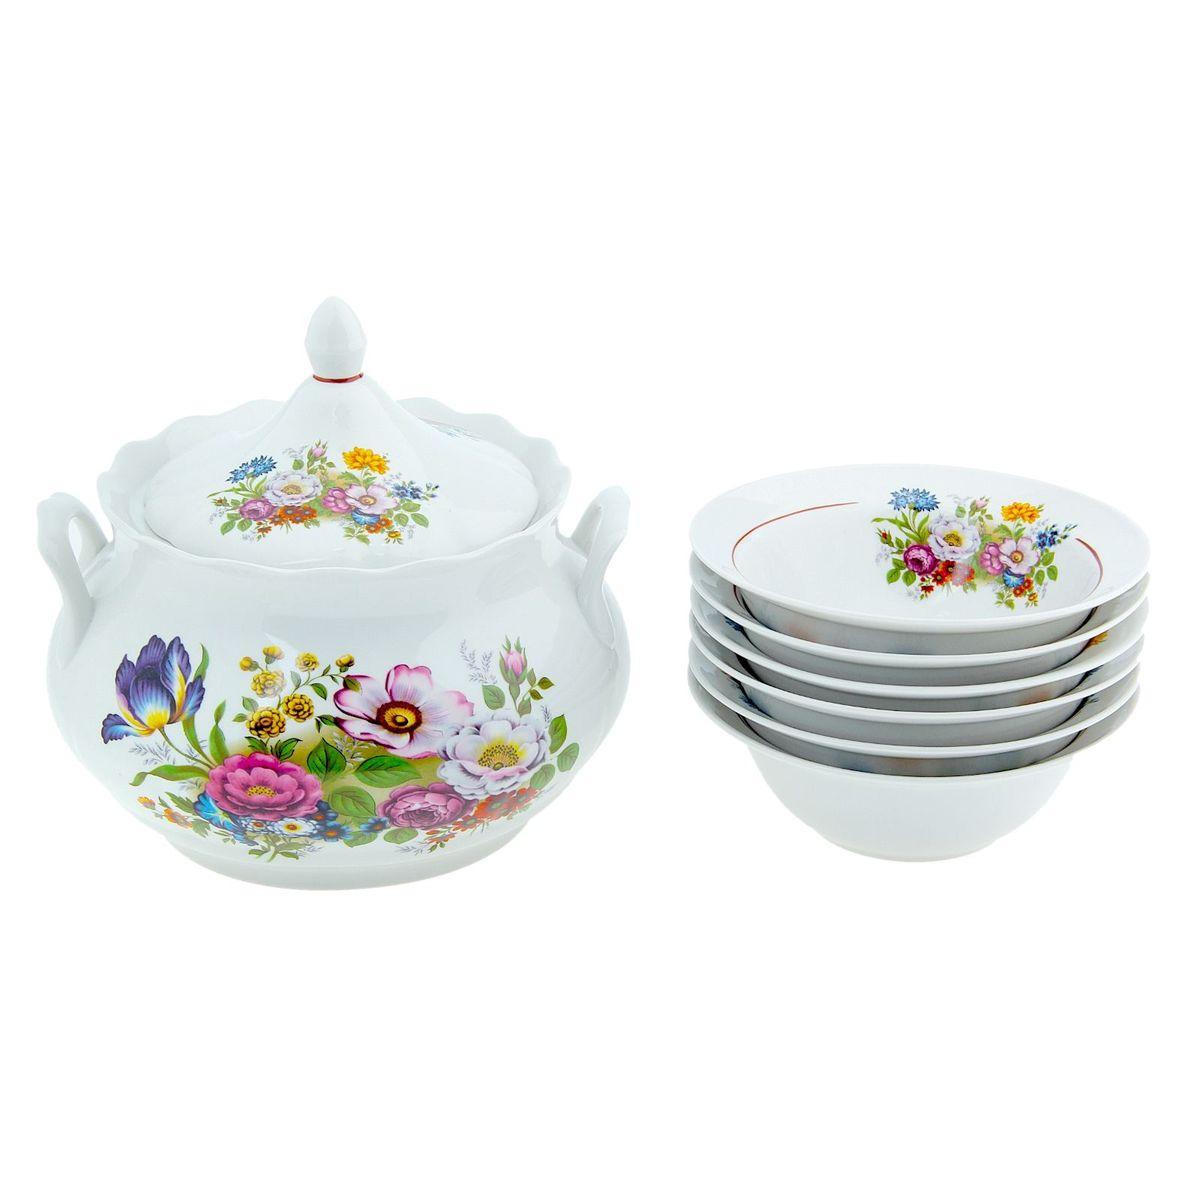 Набор для пельменей Романс. Букет цветов, 7 предметовVT-1520(SR)ваза для супа 3 л, 1 шт.;миска d=17,5 см, 6 шт.